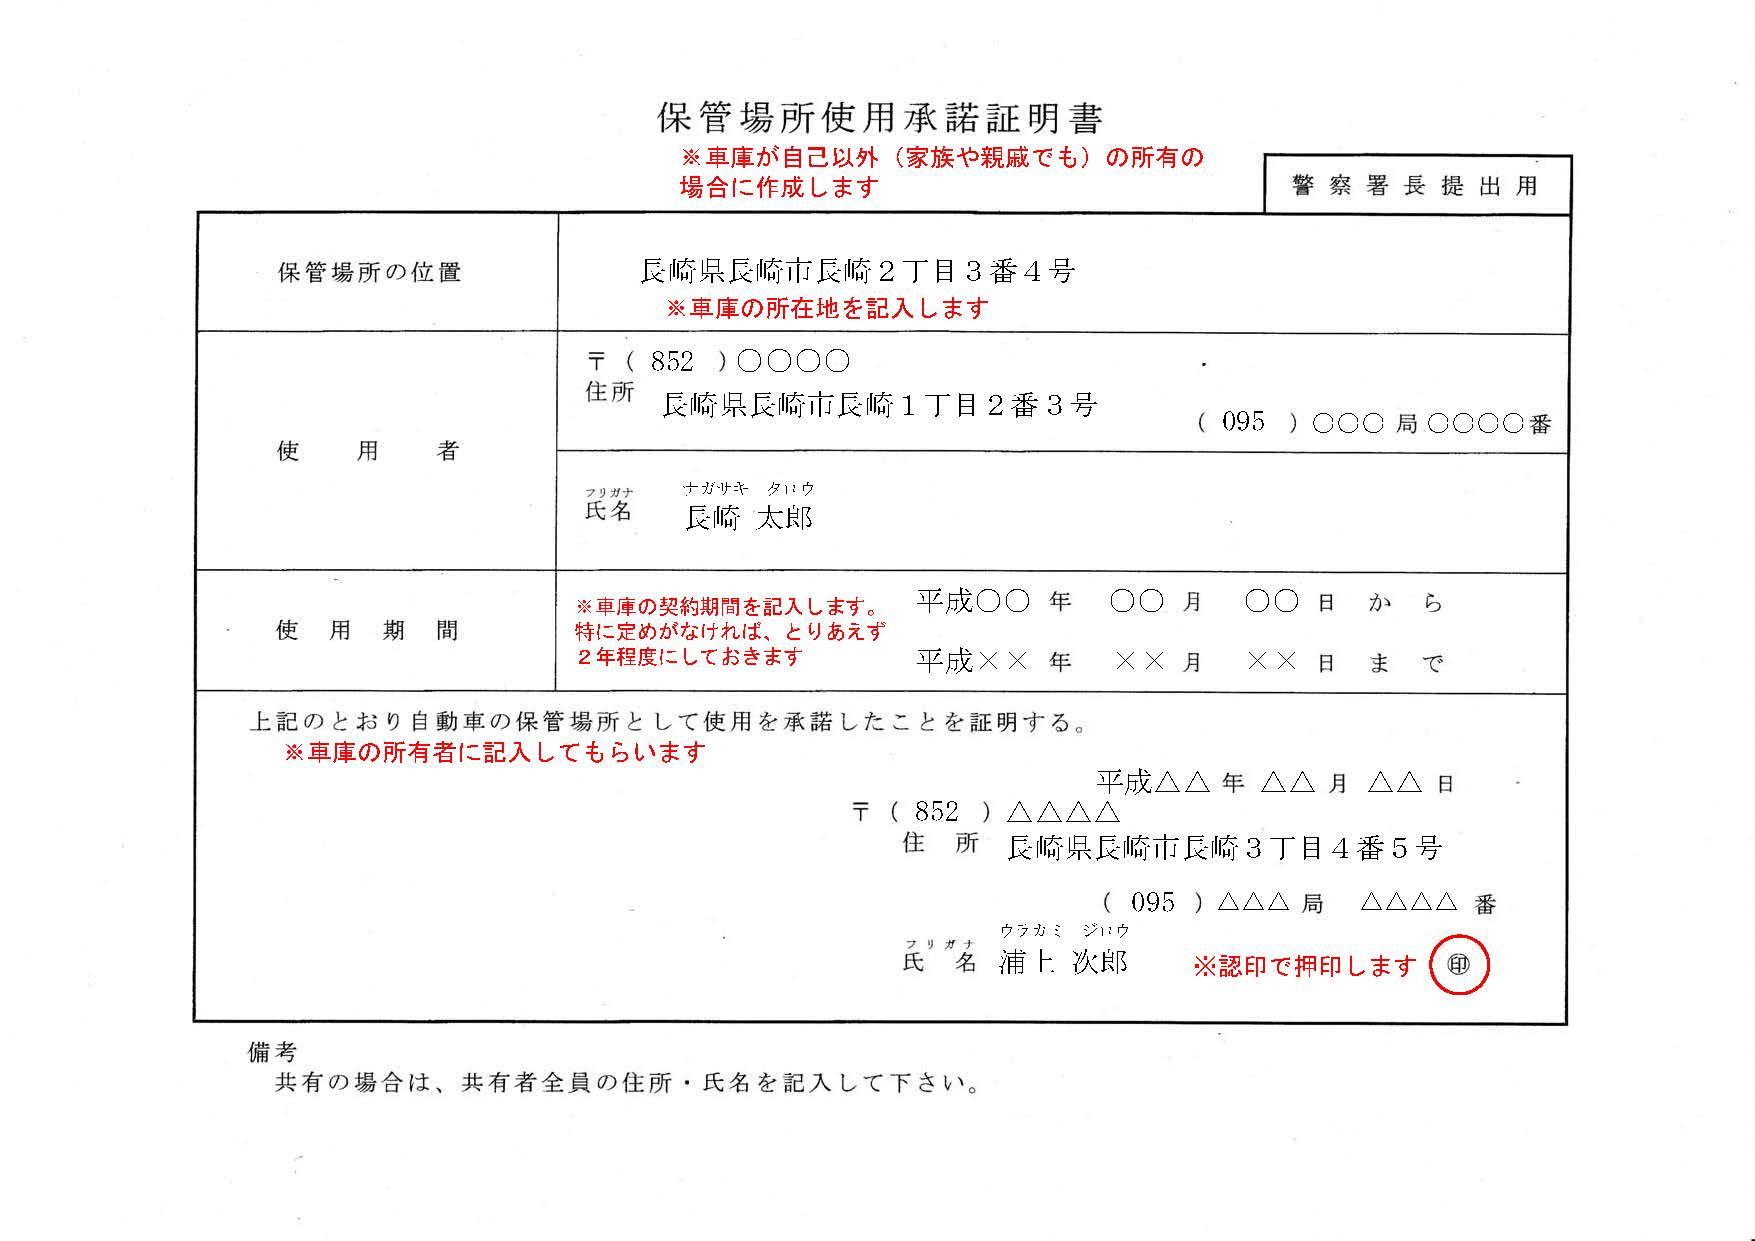 長崎の承諾書(保管場所使用承諾証明書)の記入例